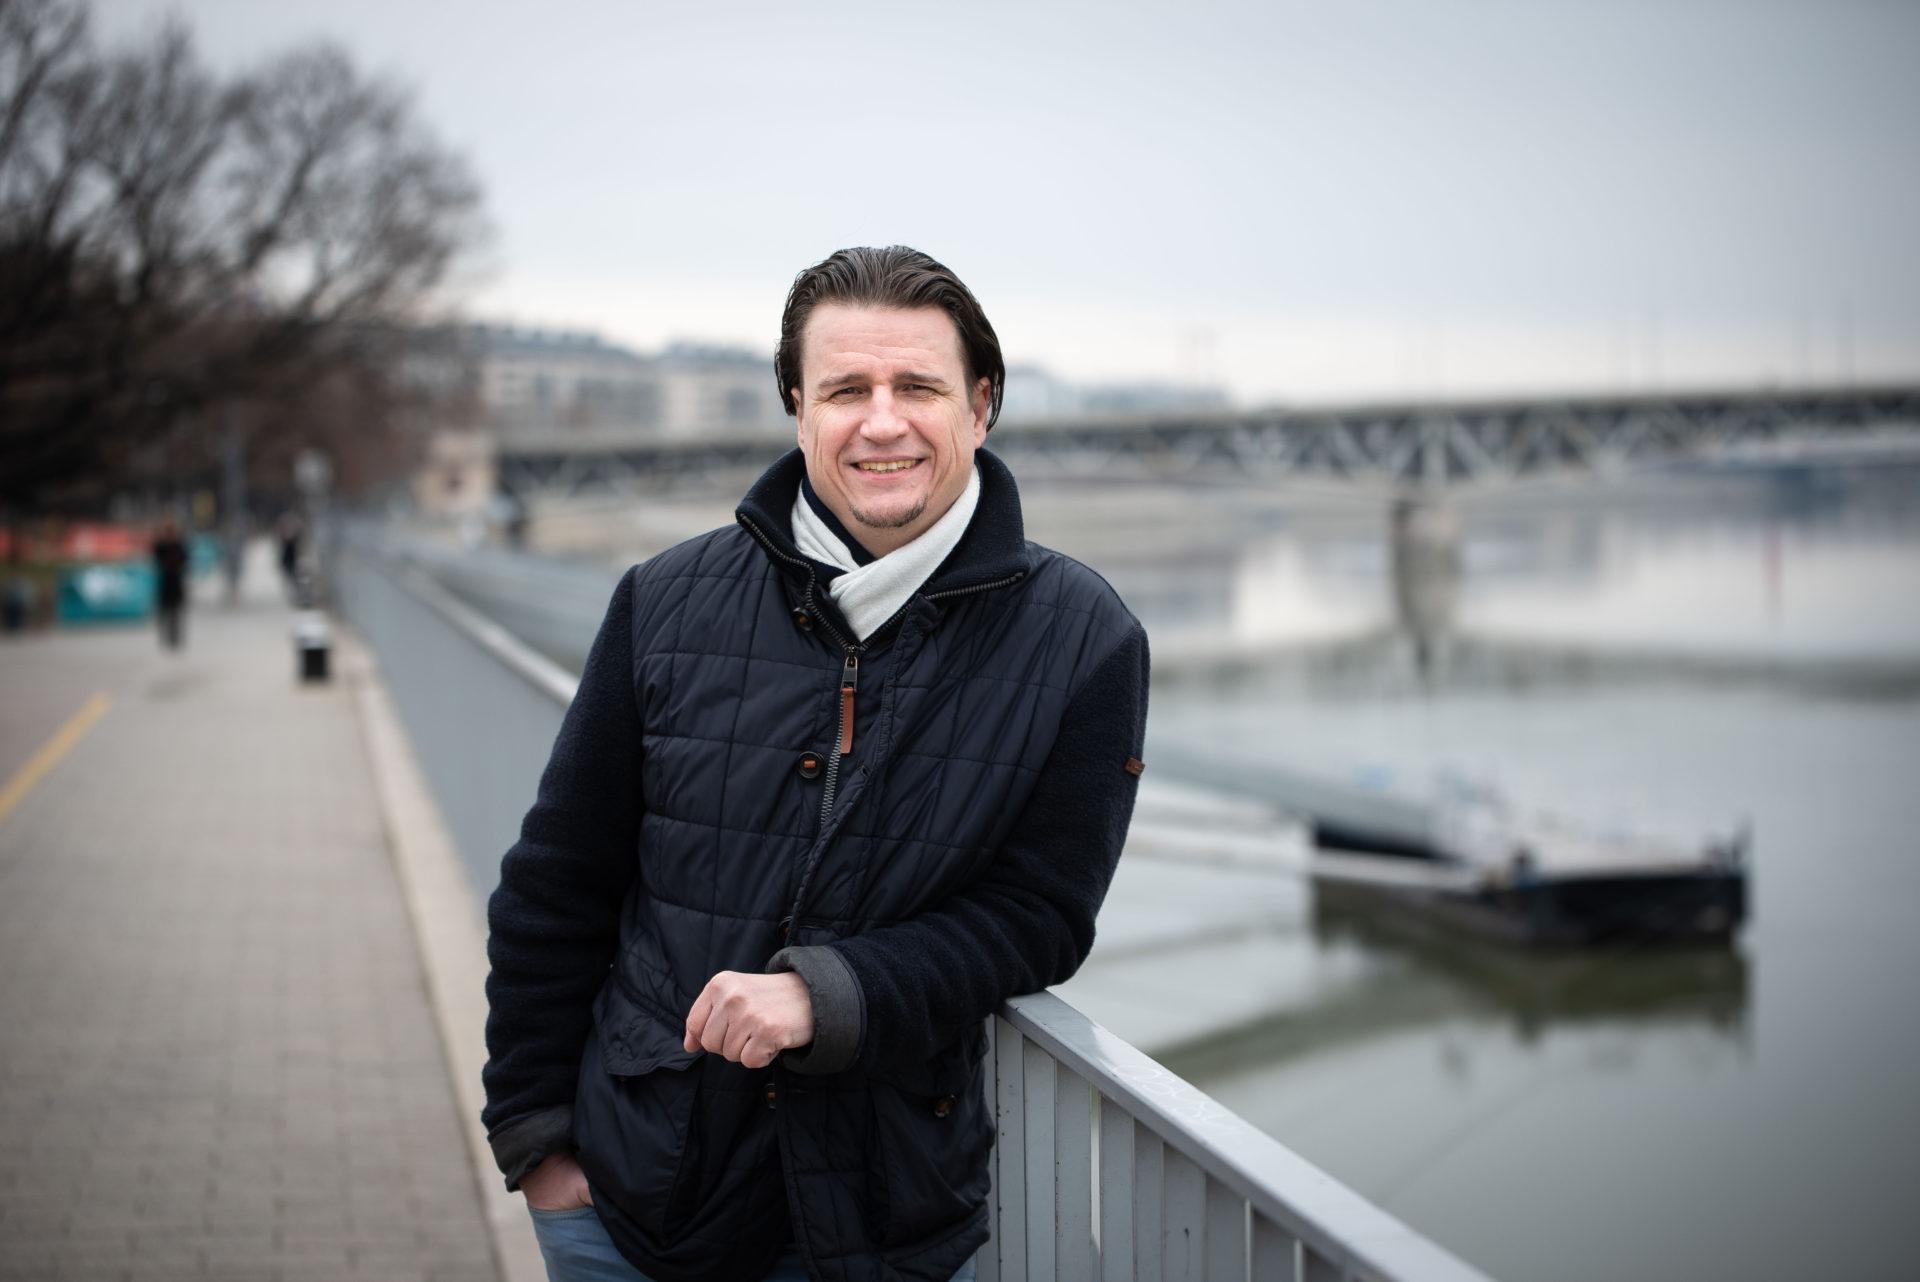 Az élet beleverte a fejemet az asztalba – interjú Dr. Prezivel